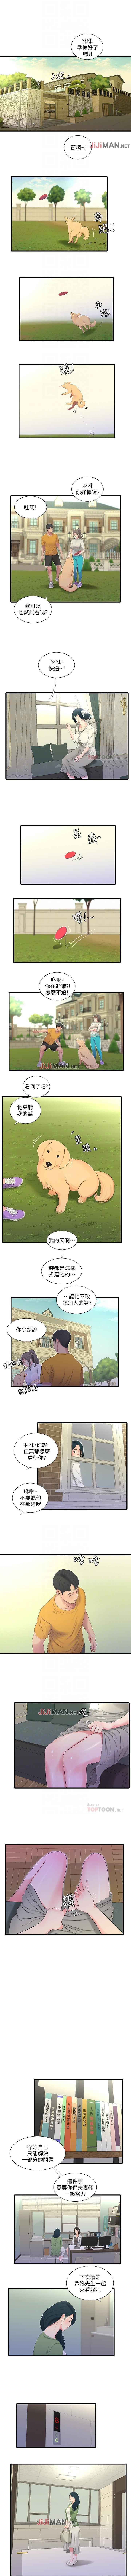 【周四连载】亲家四姐妹(作者:愛摸) 第1~27话 128